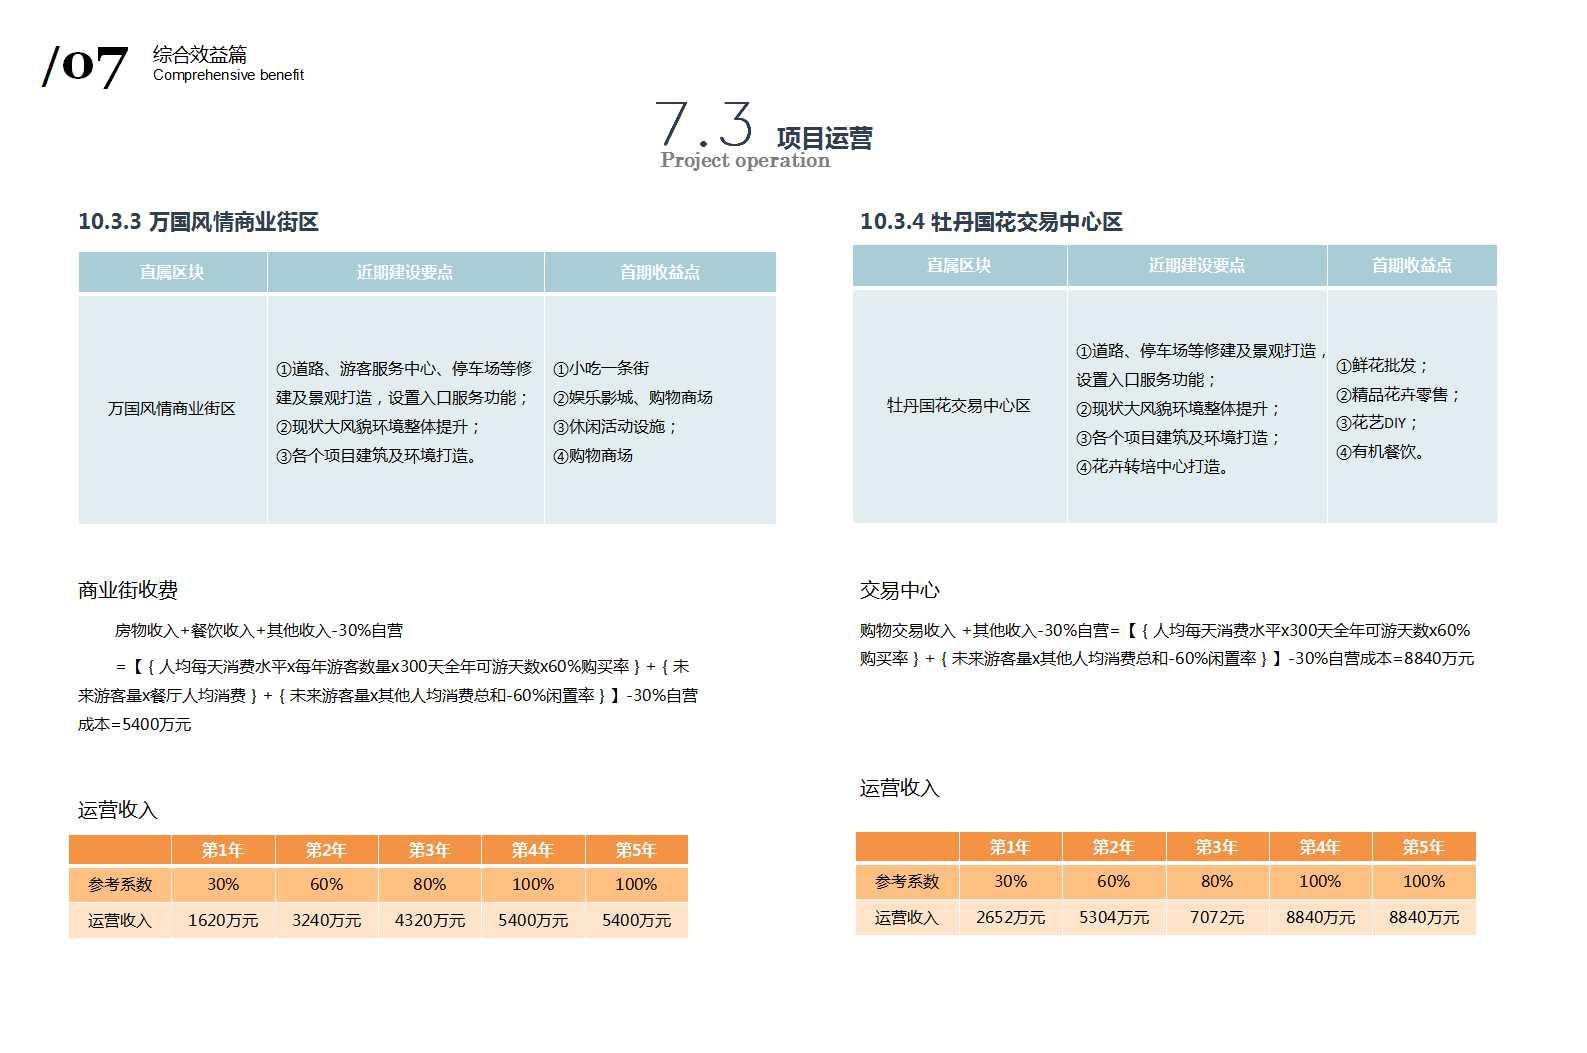 新建文件夹-幻灯片108